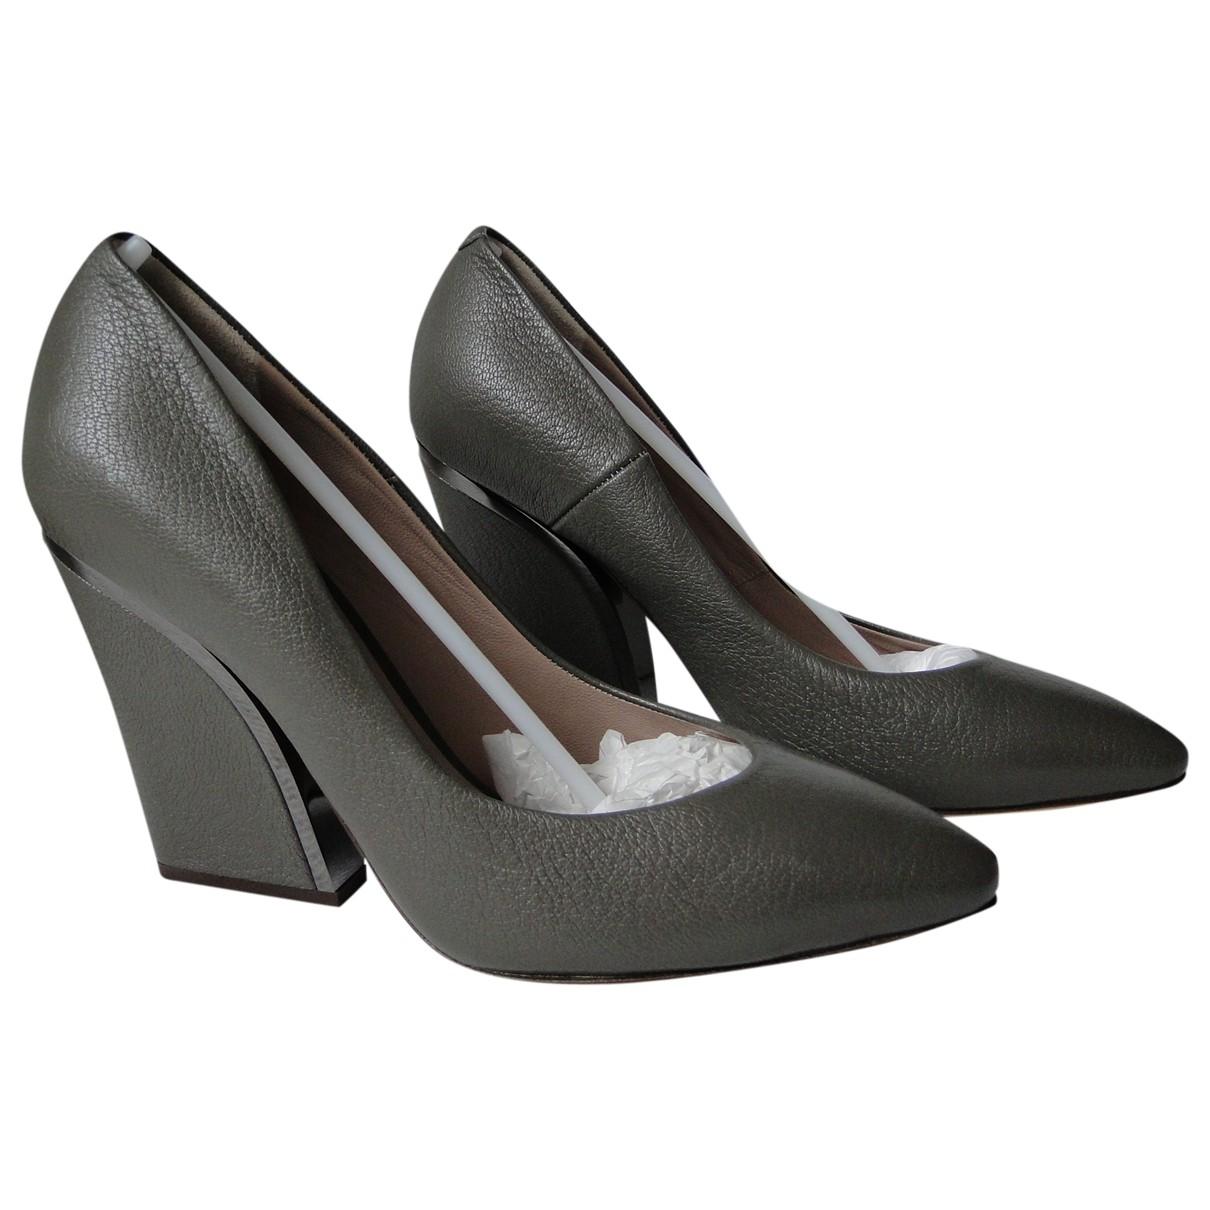 Chloe - Escarpins   pour femme en cuir - gris